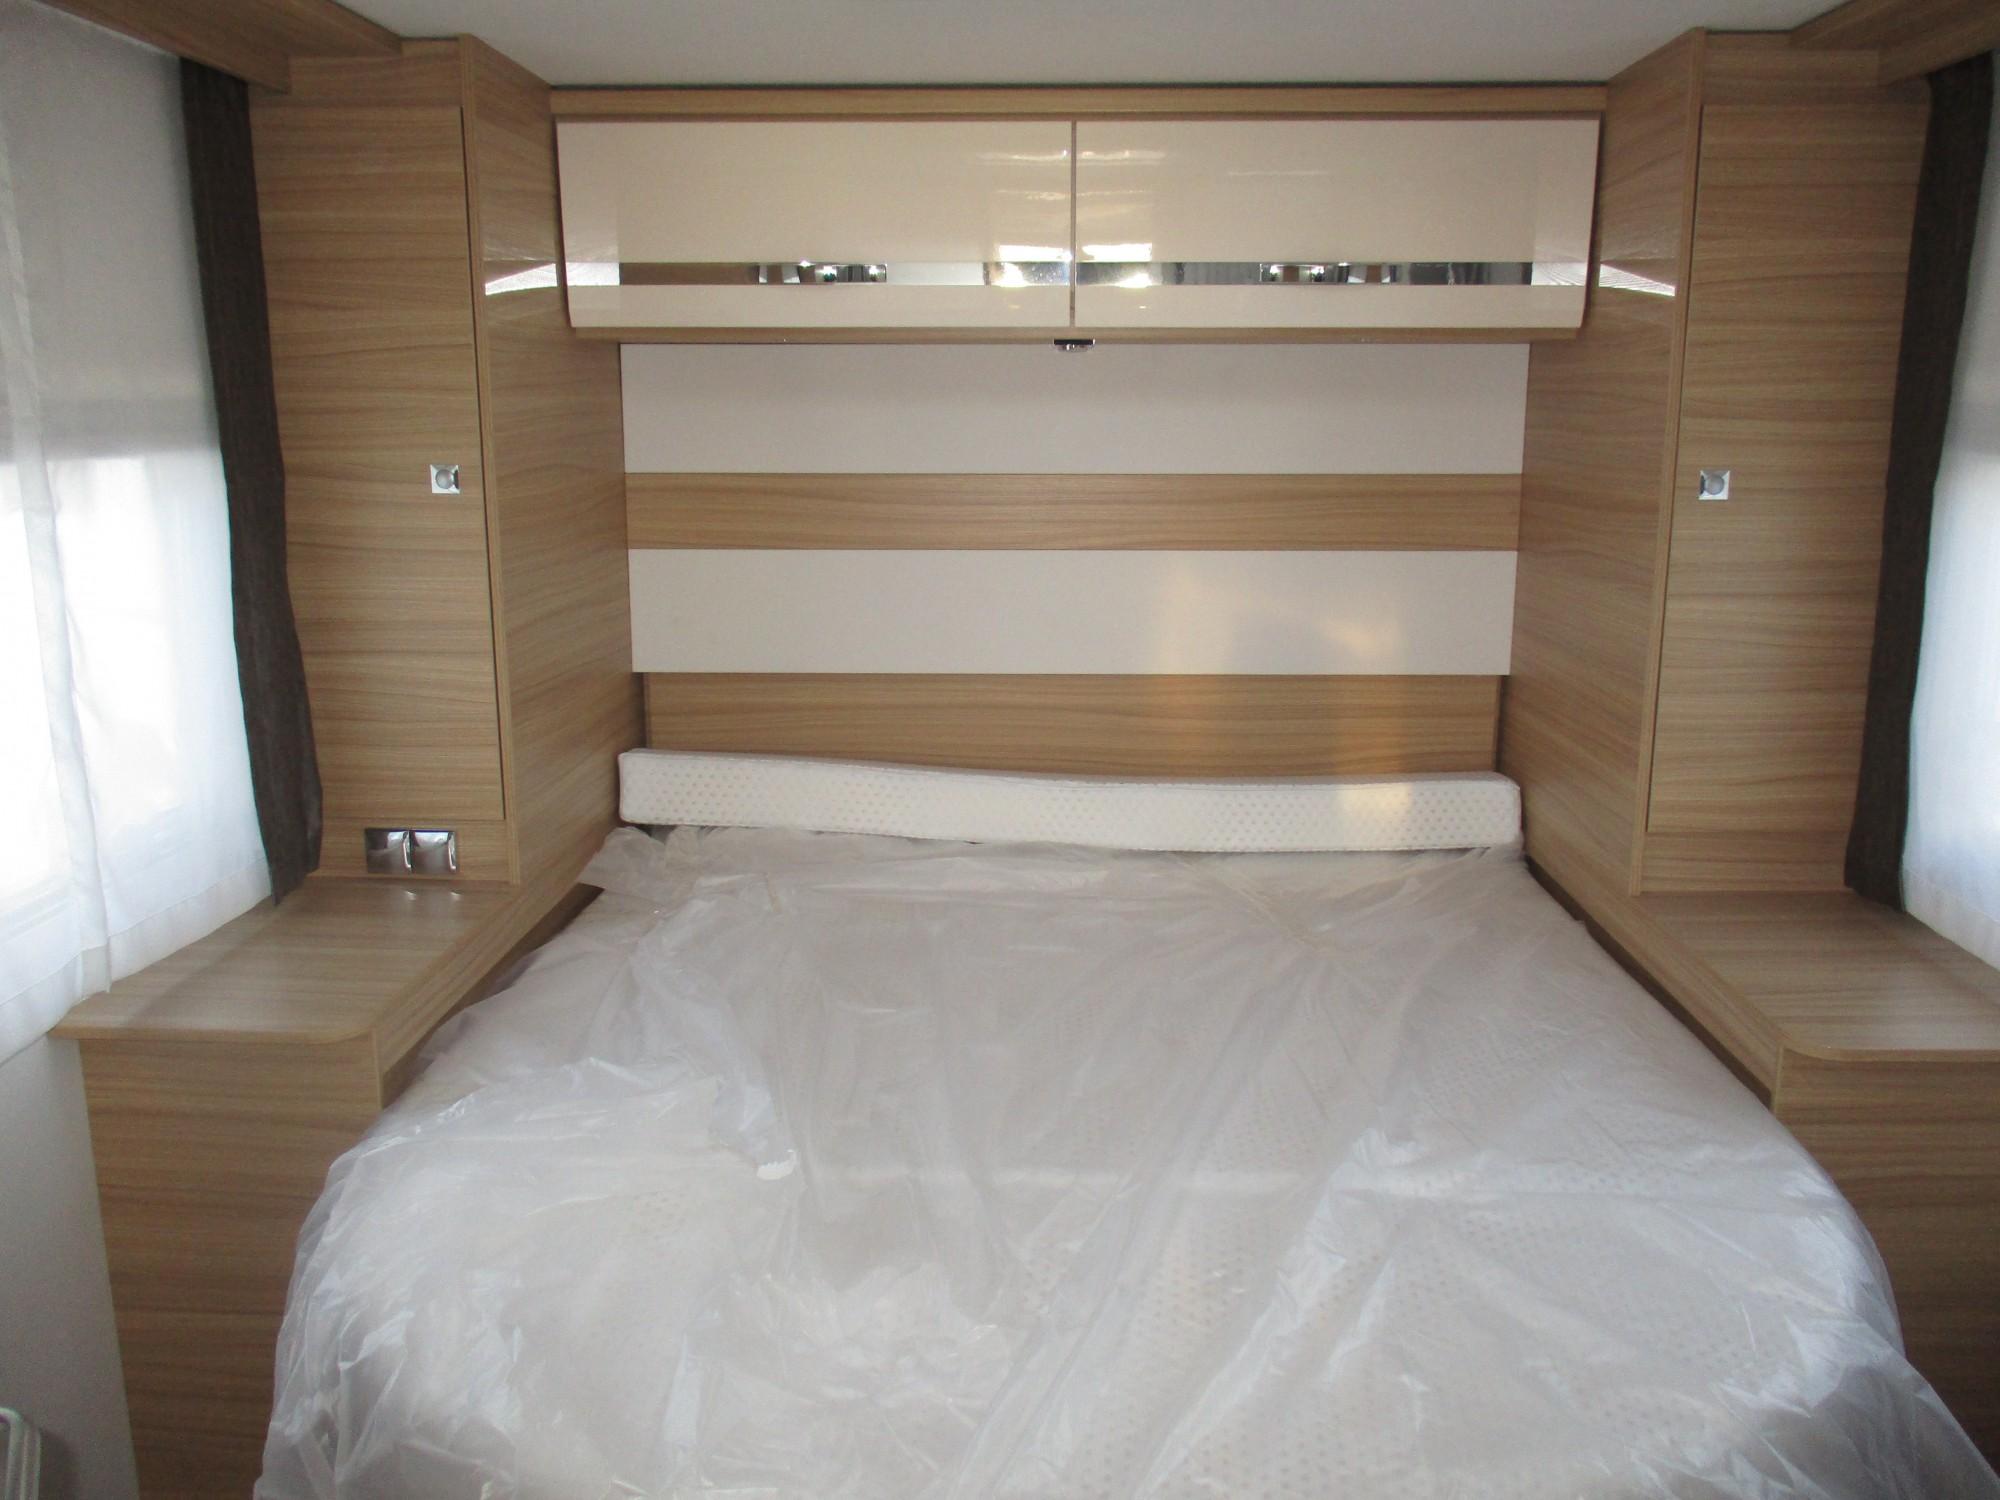 vends camping car dethleffs globebus i 07 lit central 2017 st jean du cardonnay 76150 rouen. Black Bedroom Furniture Sets. Home Design Ideas